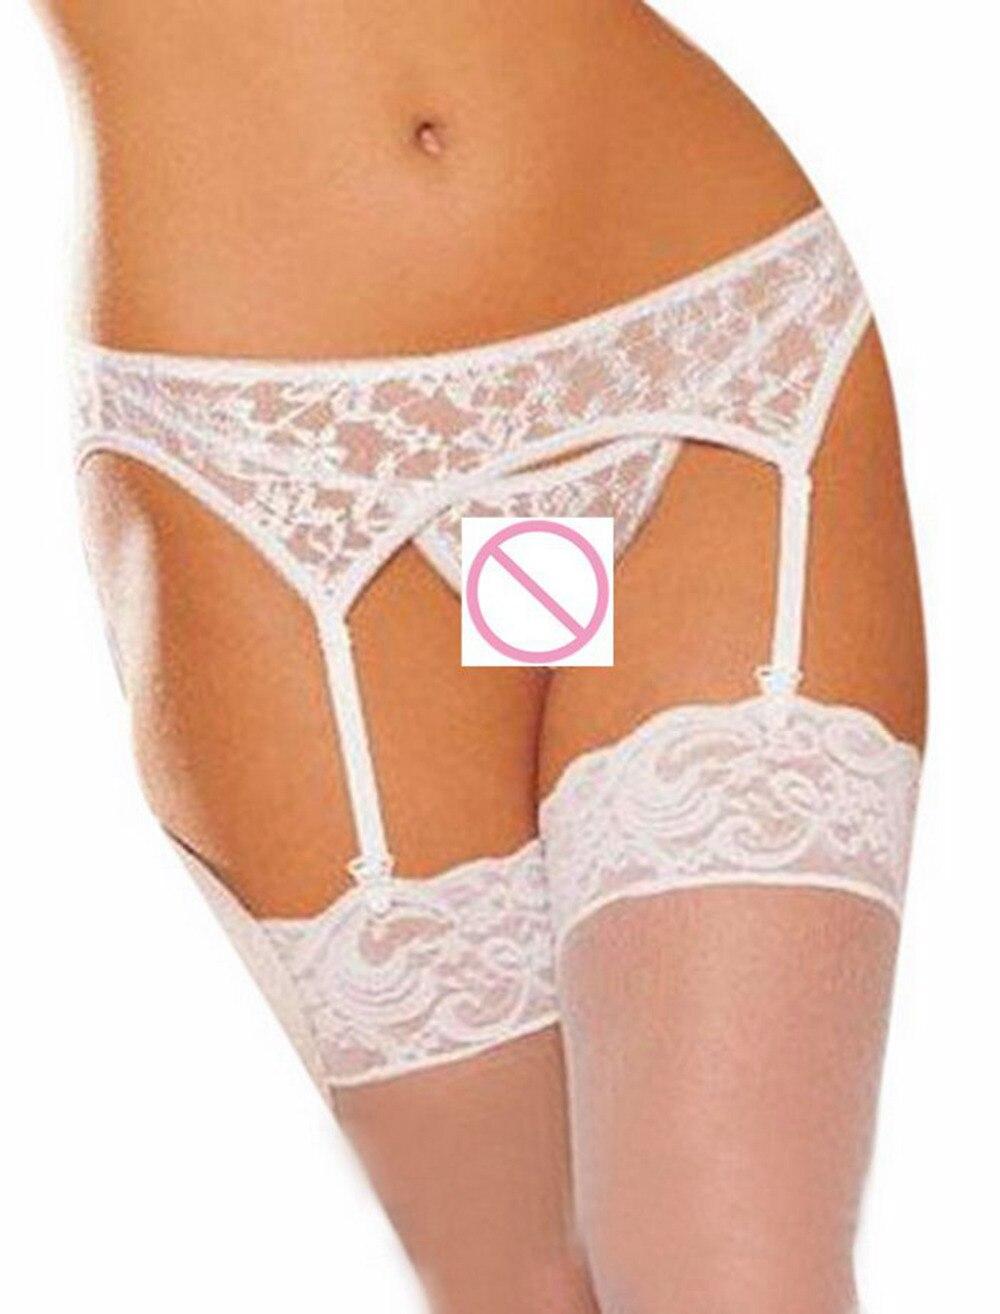 db2508183 Moda das Mulheres Sexy Conjunto de Lingerie Branca Liga belt G corda Meias  transparentes para as mulheres nightwear   yl em Conjuntos de Lingerie de  ...